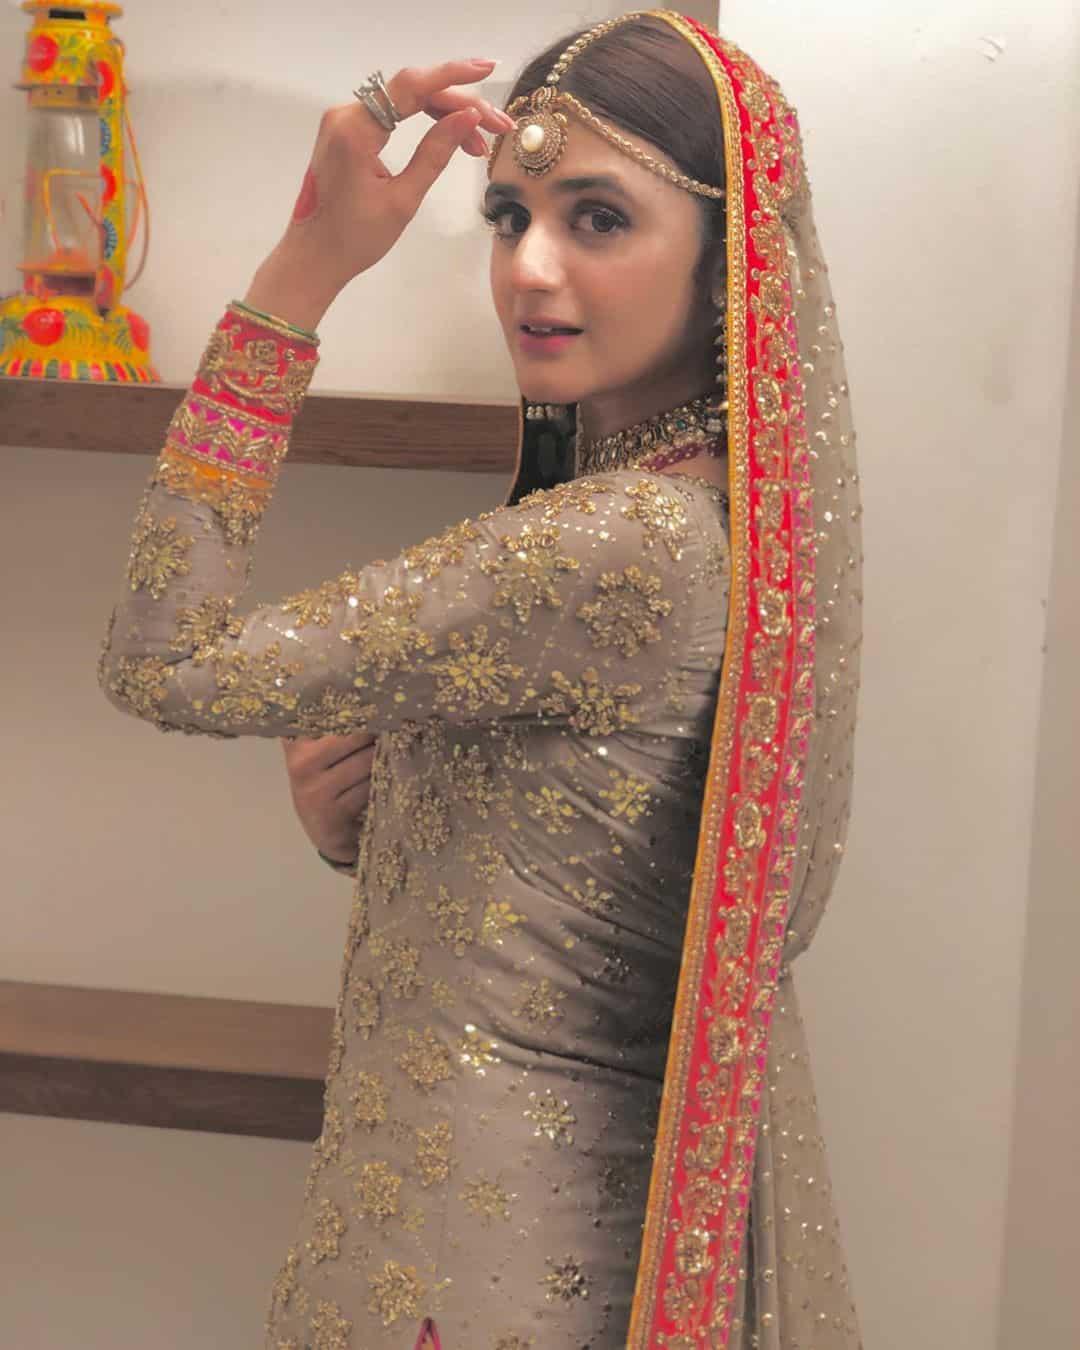 Beautiful Actress Hira Mani's Latest Clicks as Bride